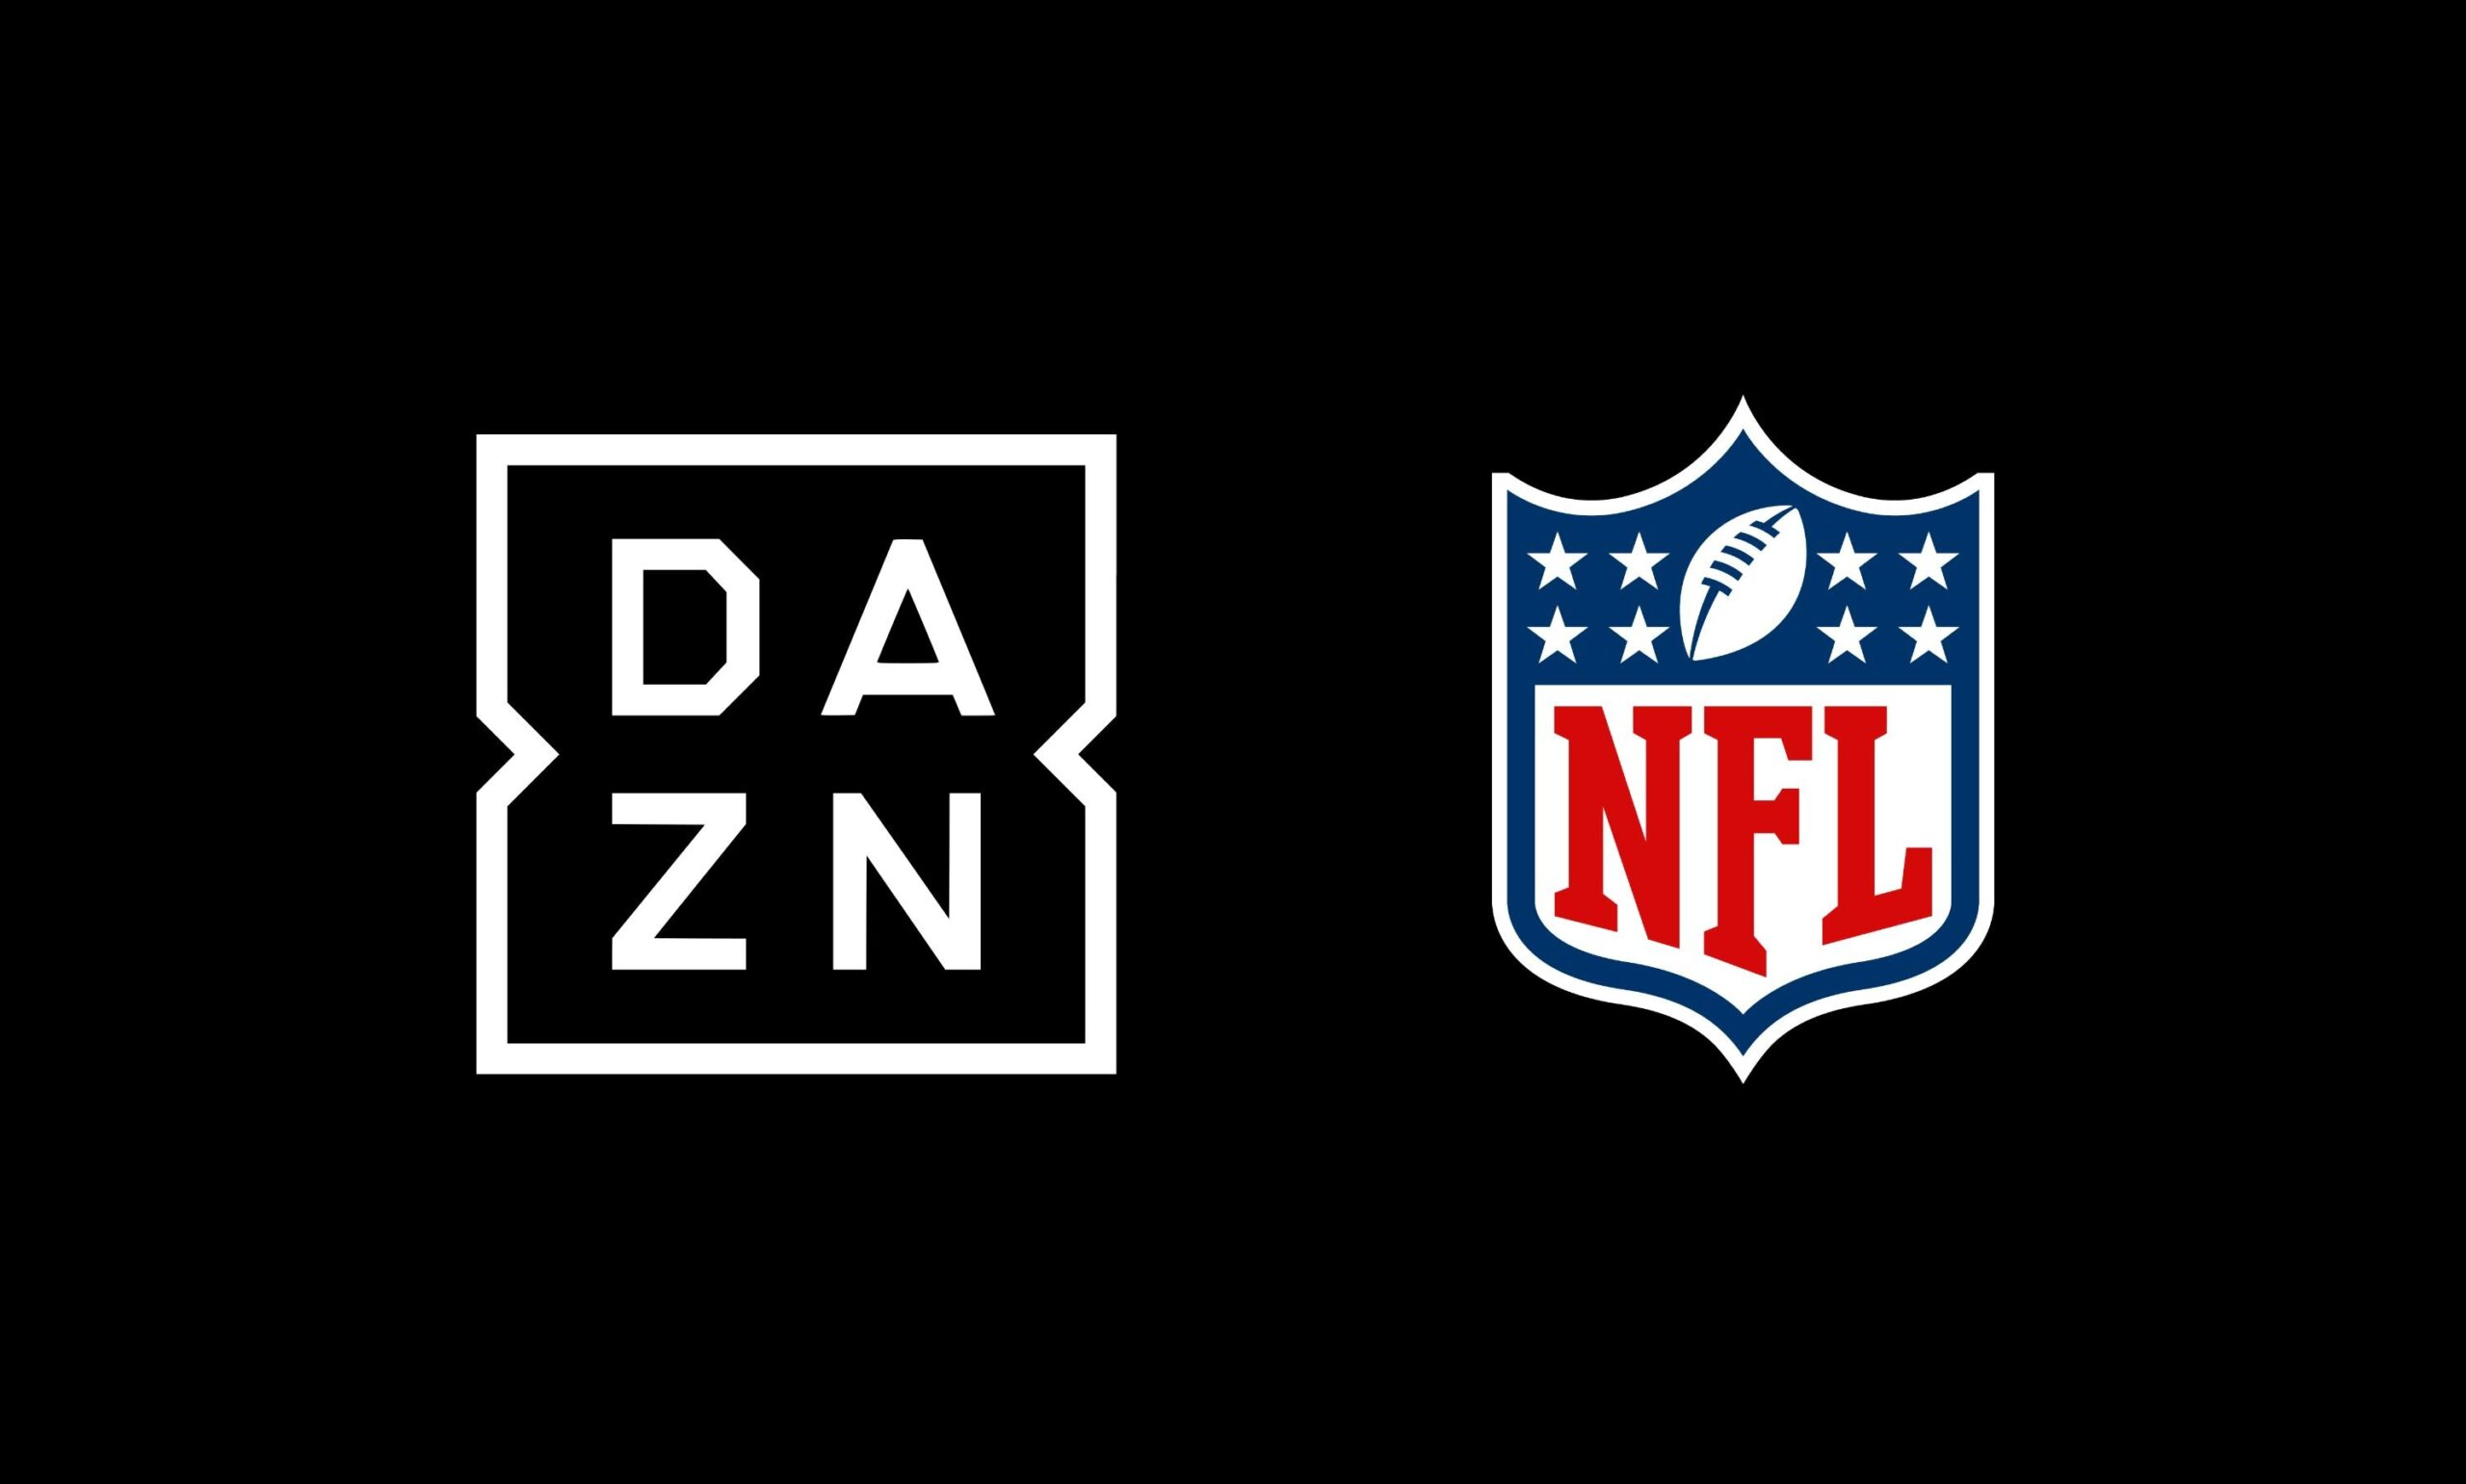 Quanto costerà vedere la NFL su DAZN